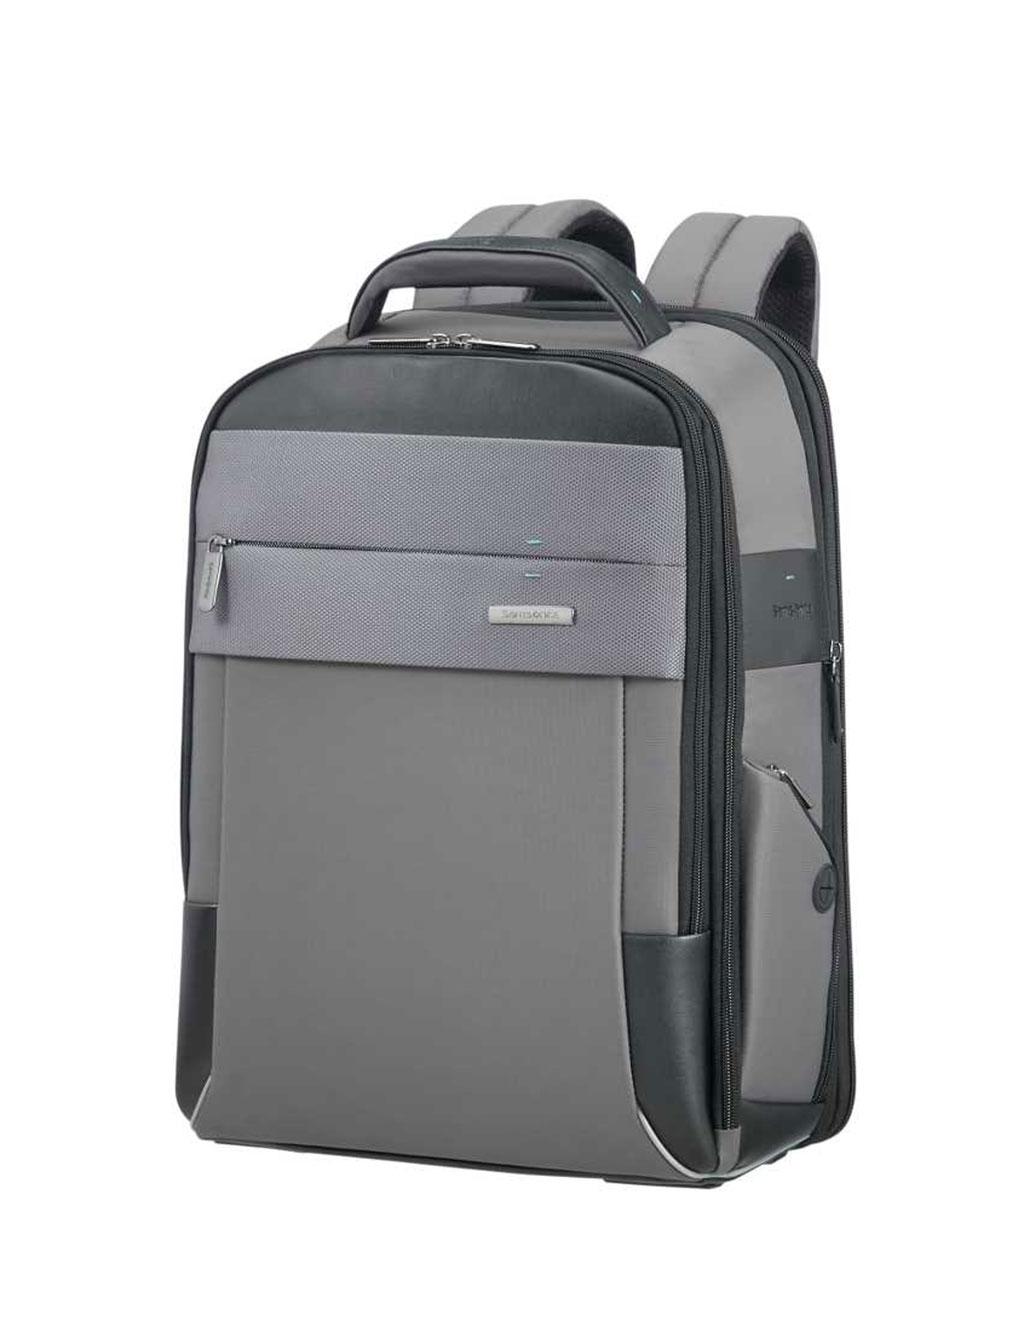 Τσάντα πλάτης SAMSONITE Spectrolite 2.0